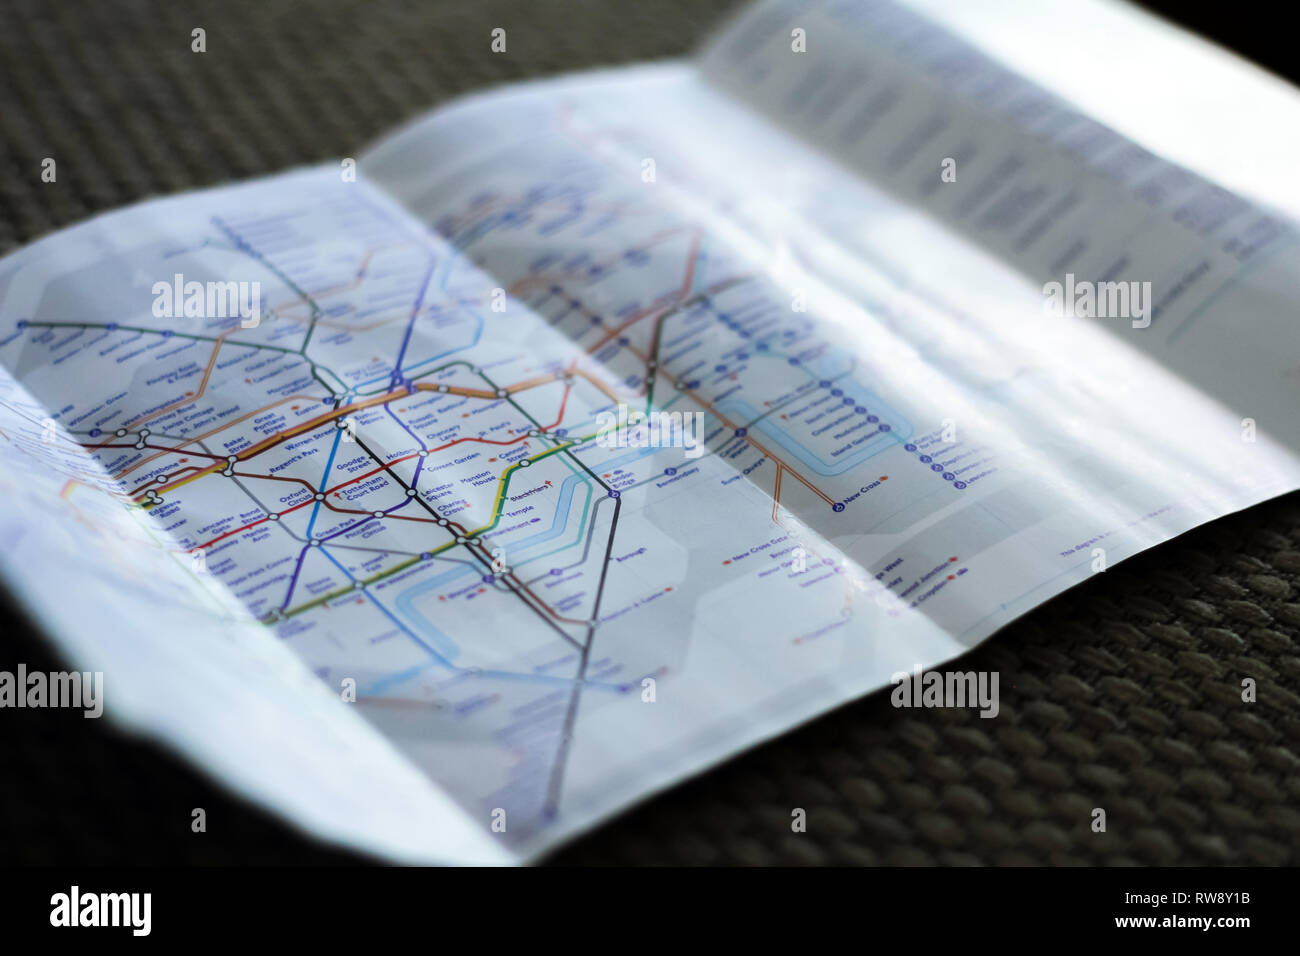 LONDON, Regno Unito - Dicembre 2018: Metropolitana flayer mappa della metropolitana di Londra Immagini Stock